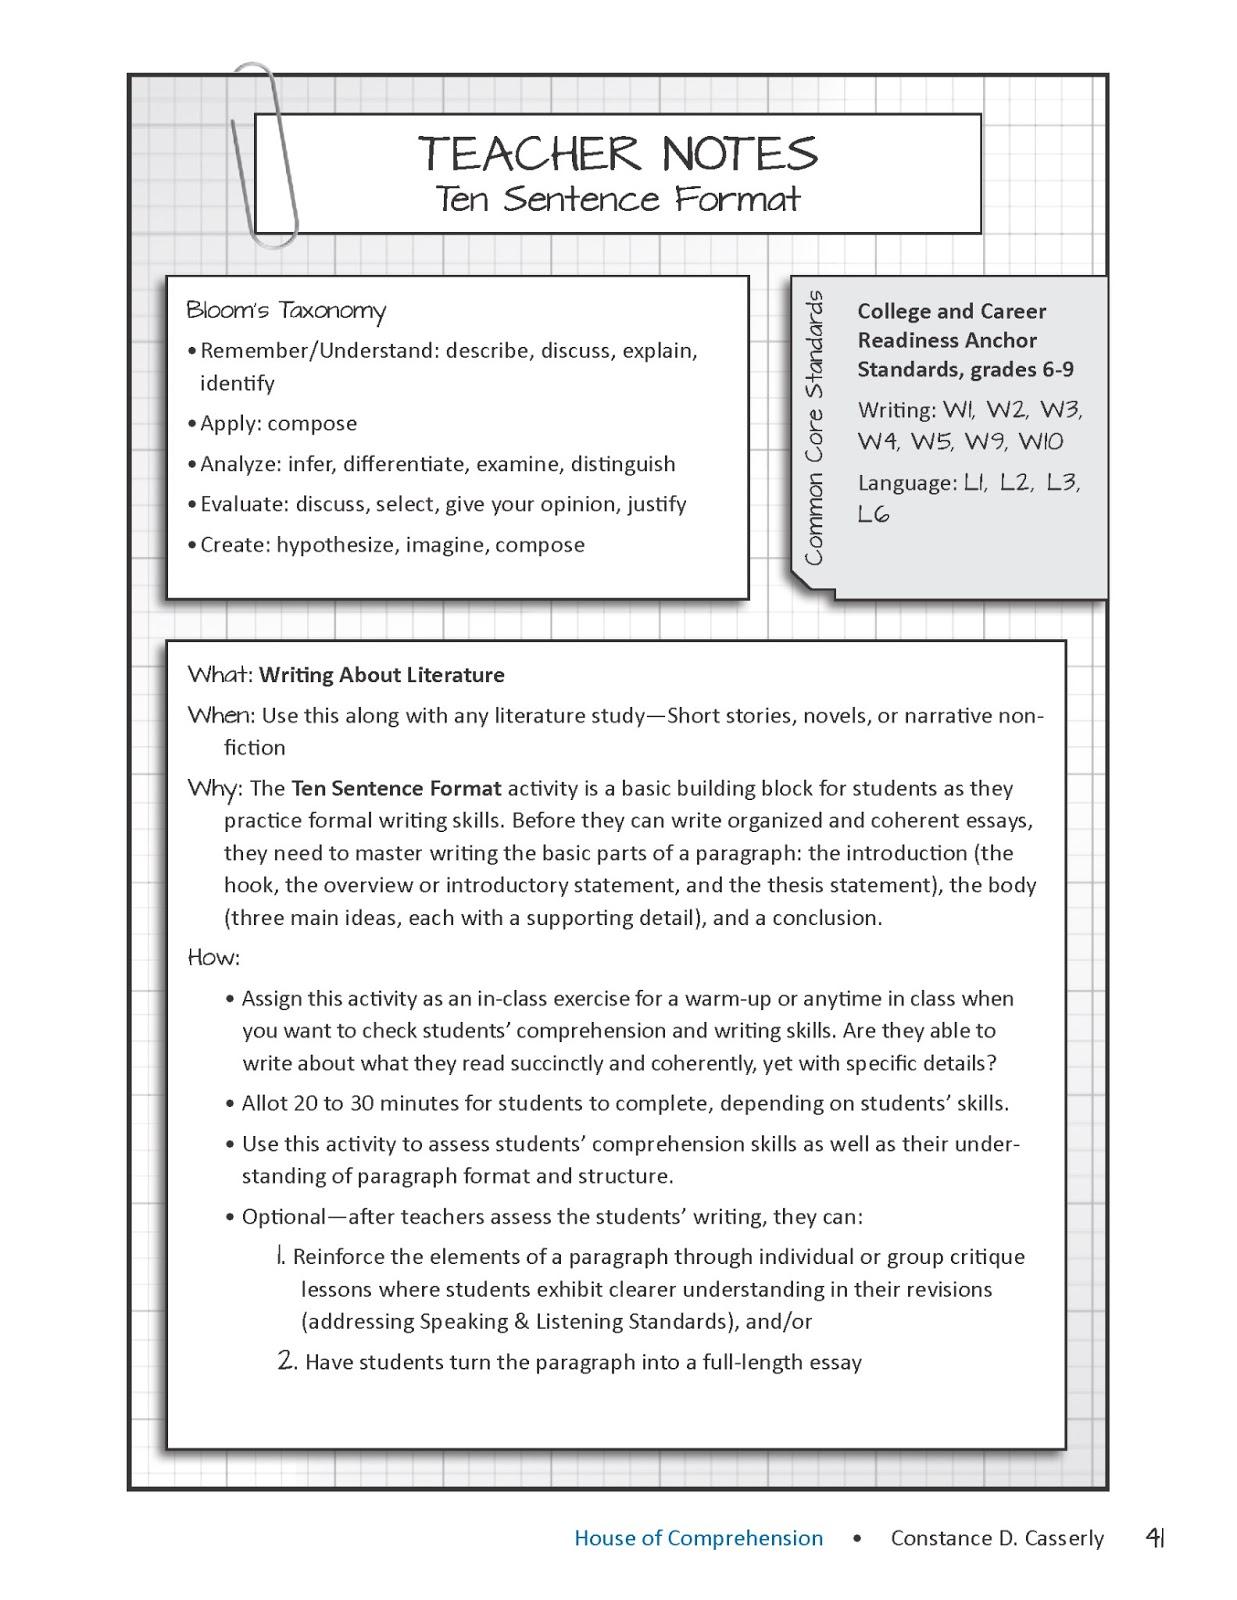 Essay about a teacher